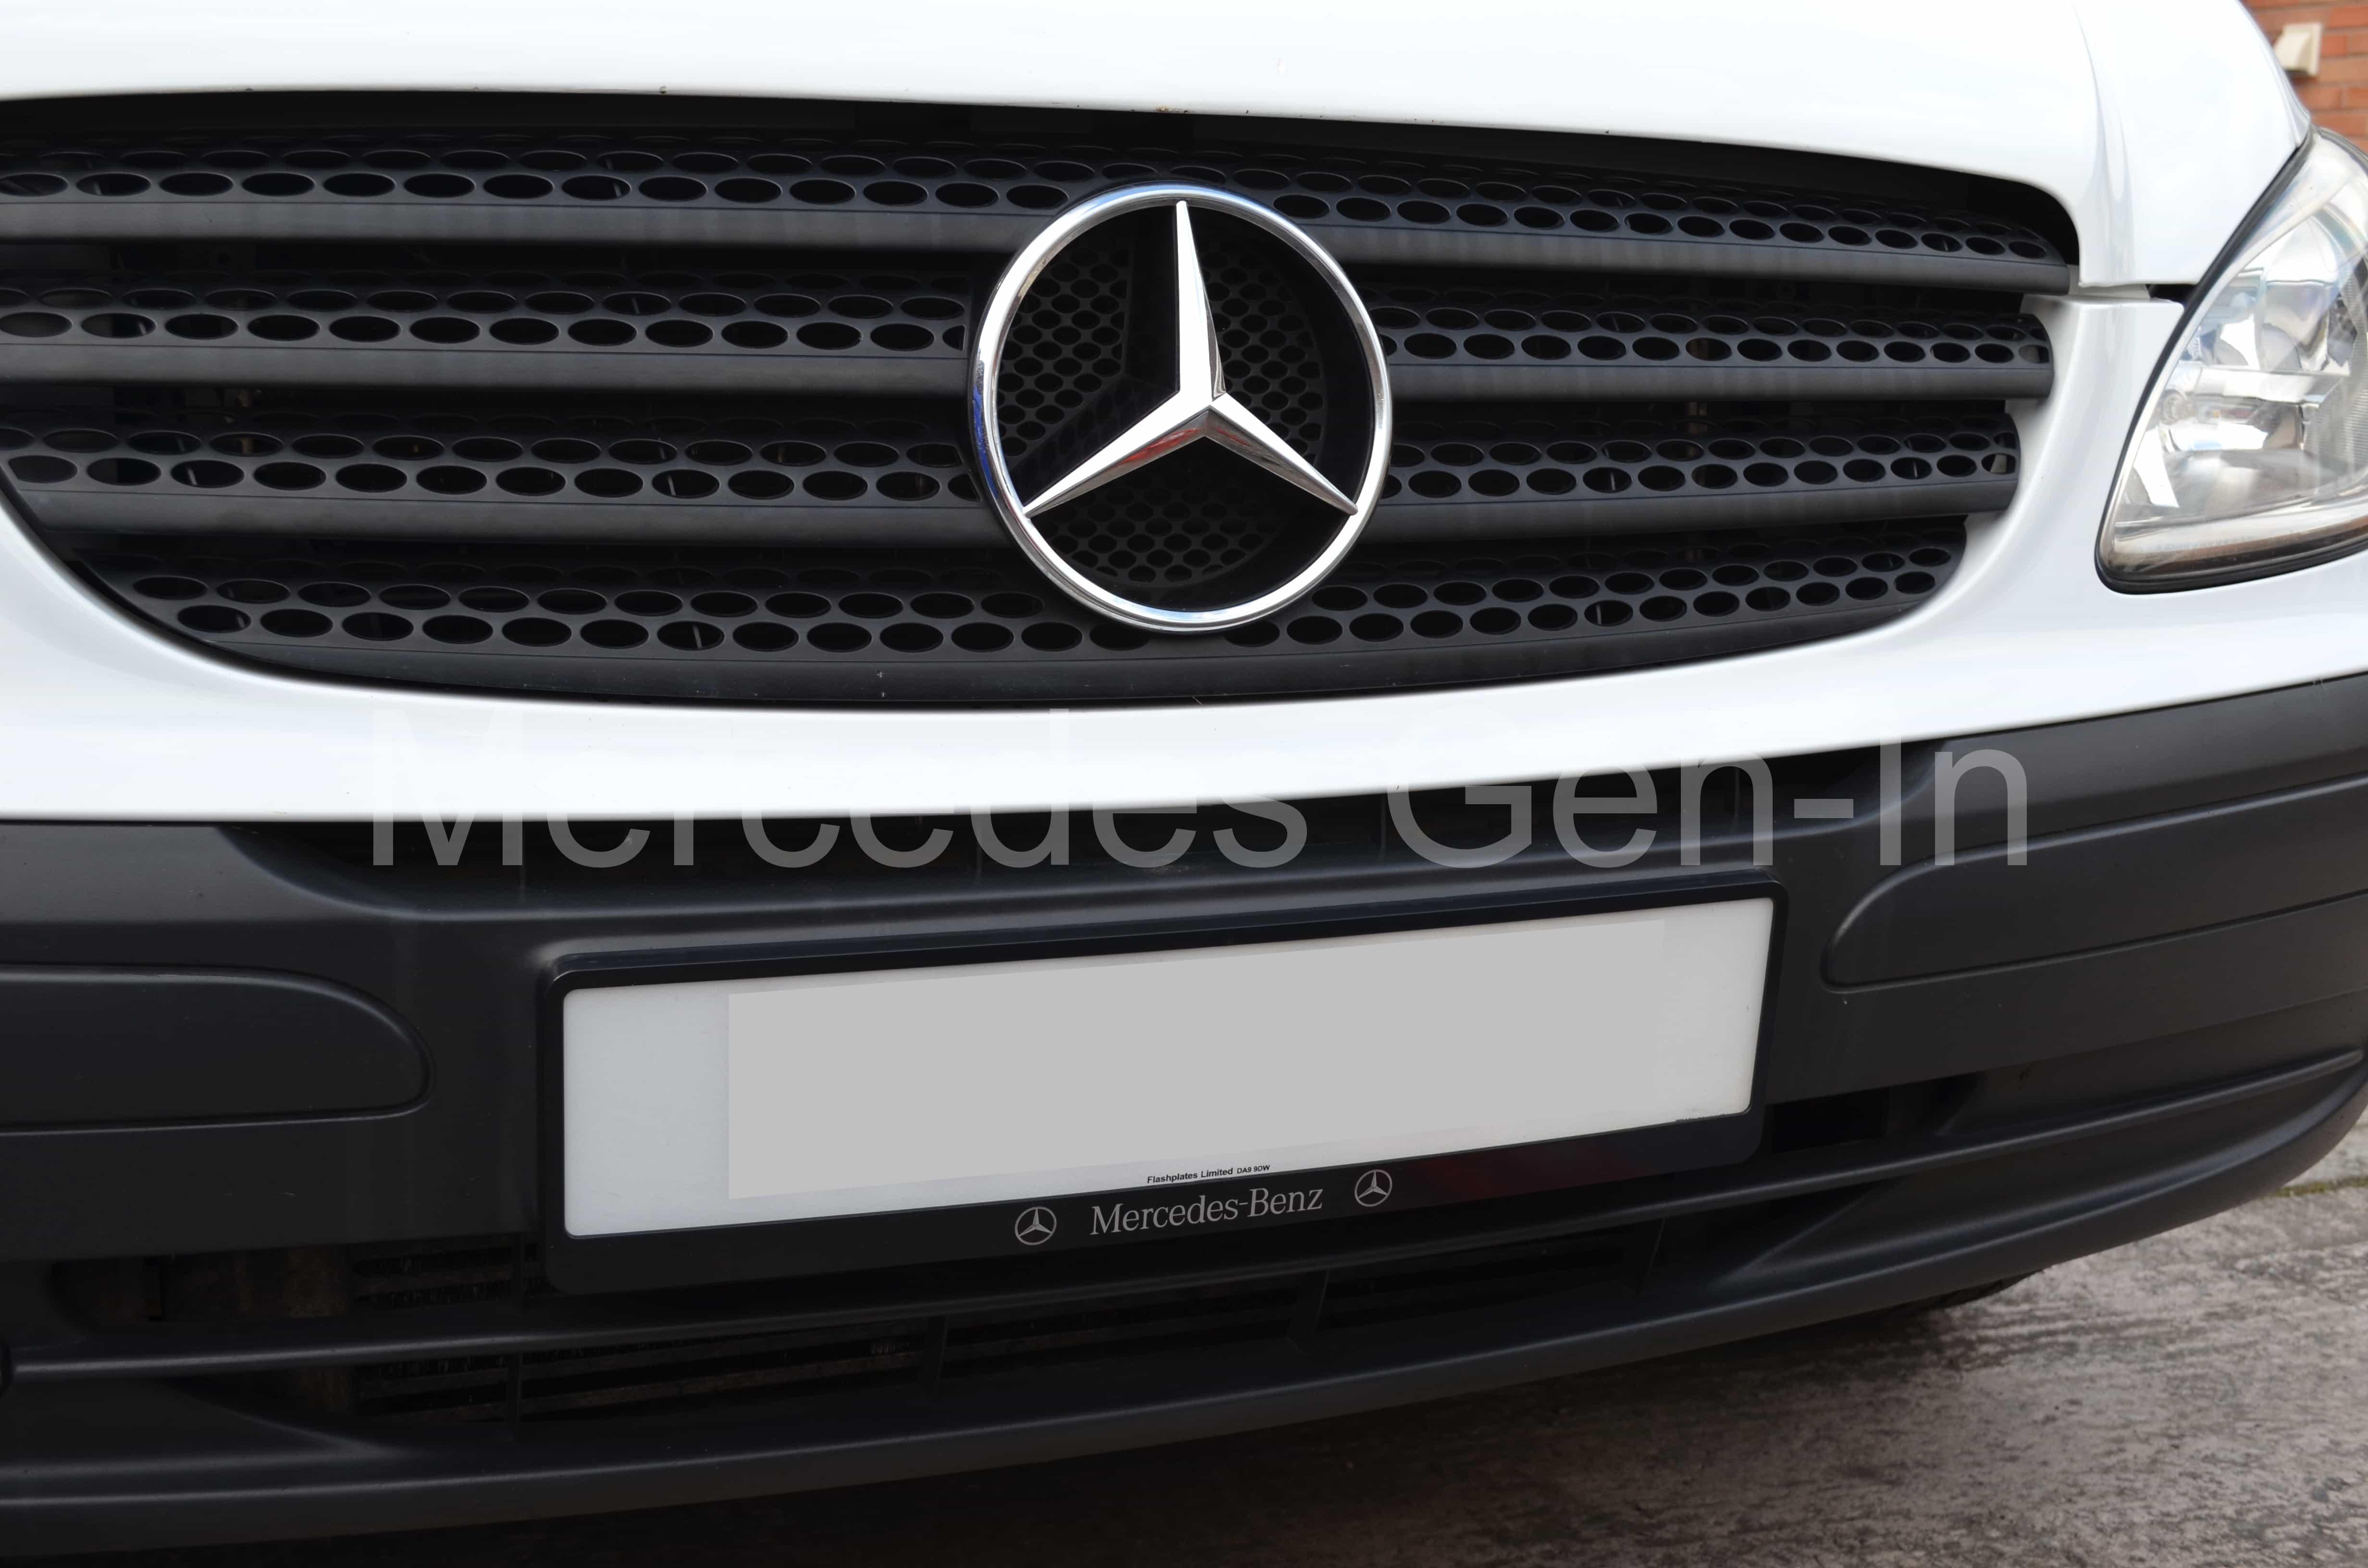 2x Audi Quattro Black Number Plate Holders Licence Surrounds & Audi Number Plate Holder - Best Plate 2018